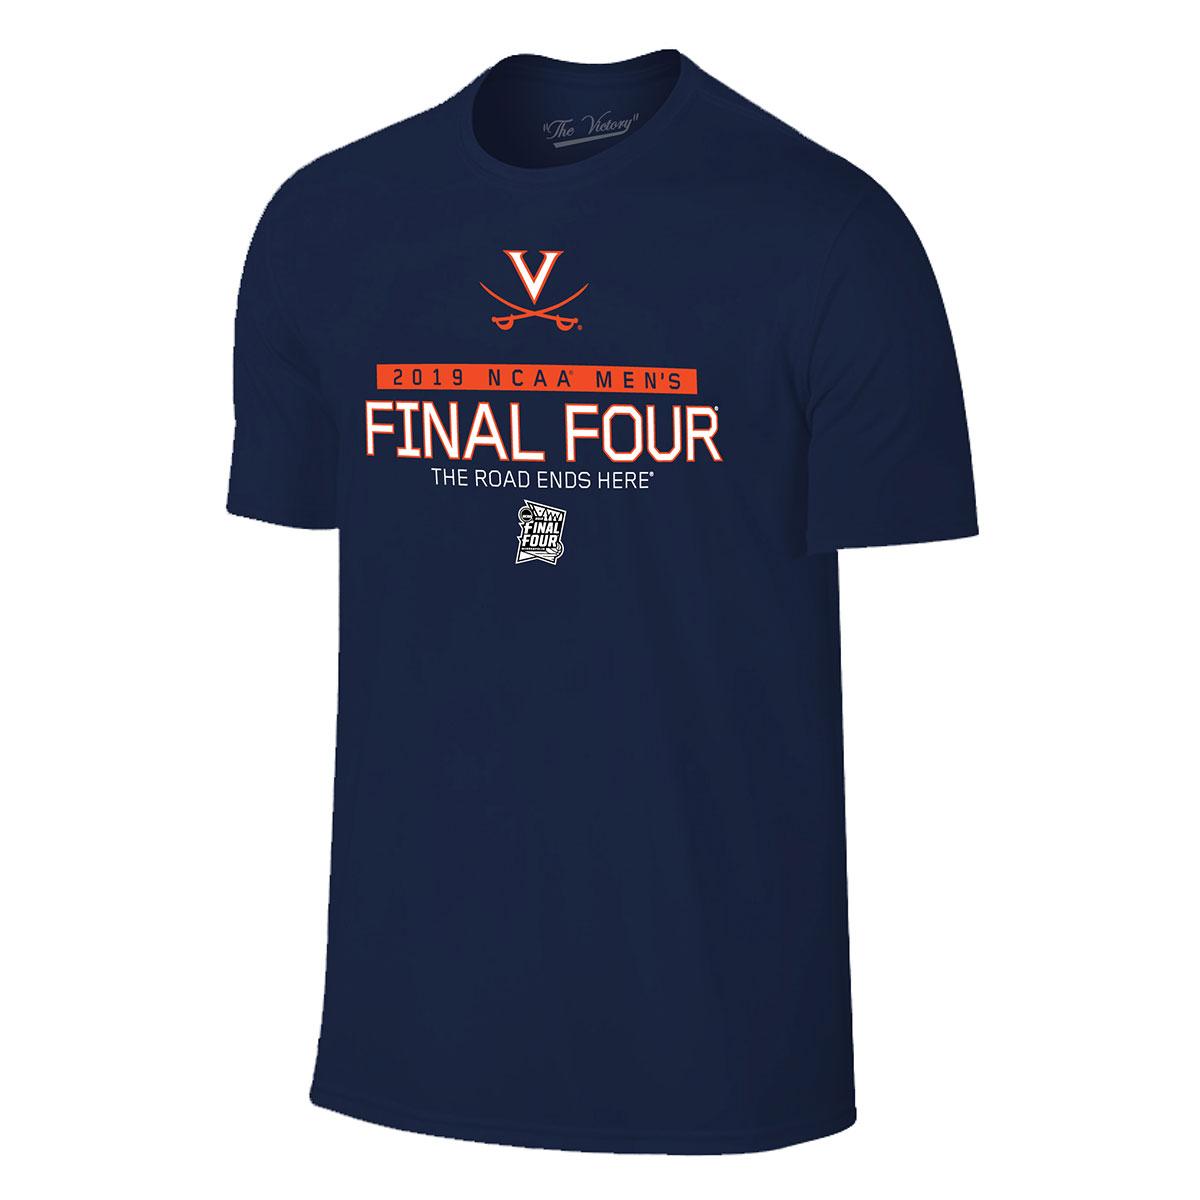 Virginia Basketball 2019 Final Four Short Sleeve T-shirt